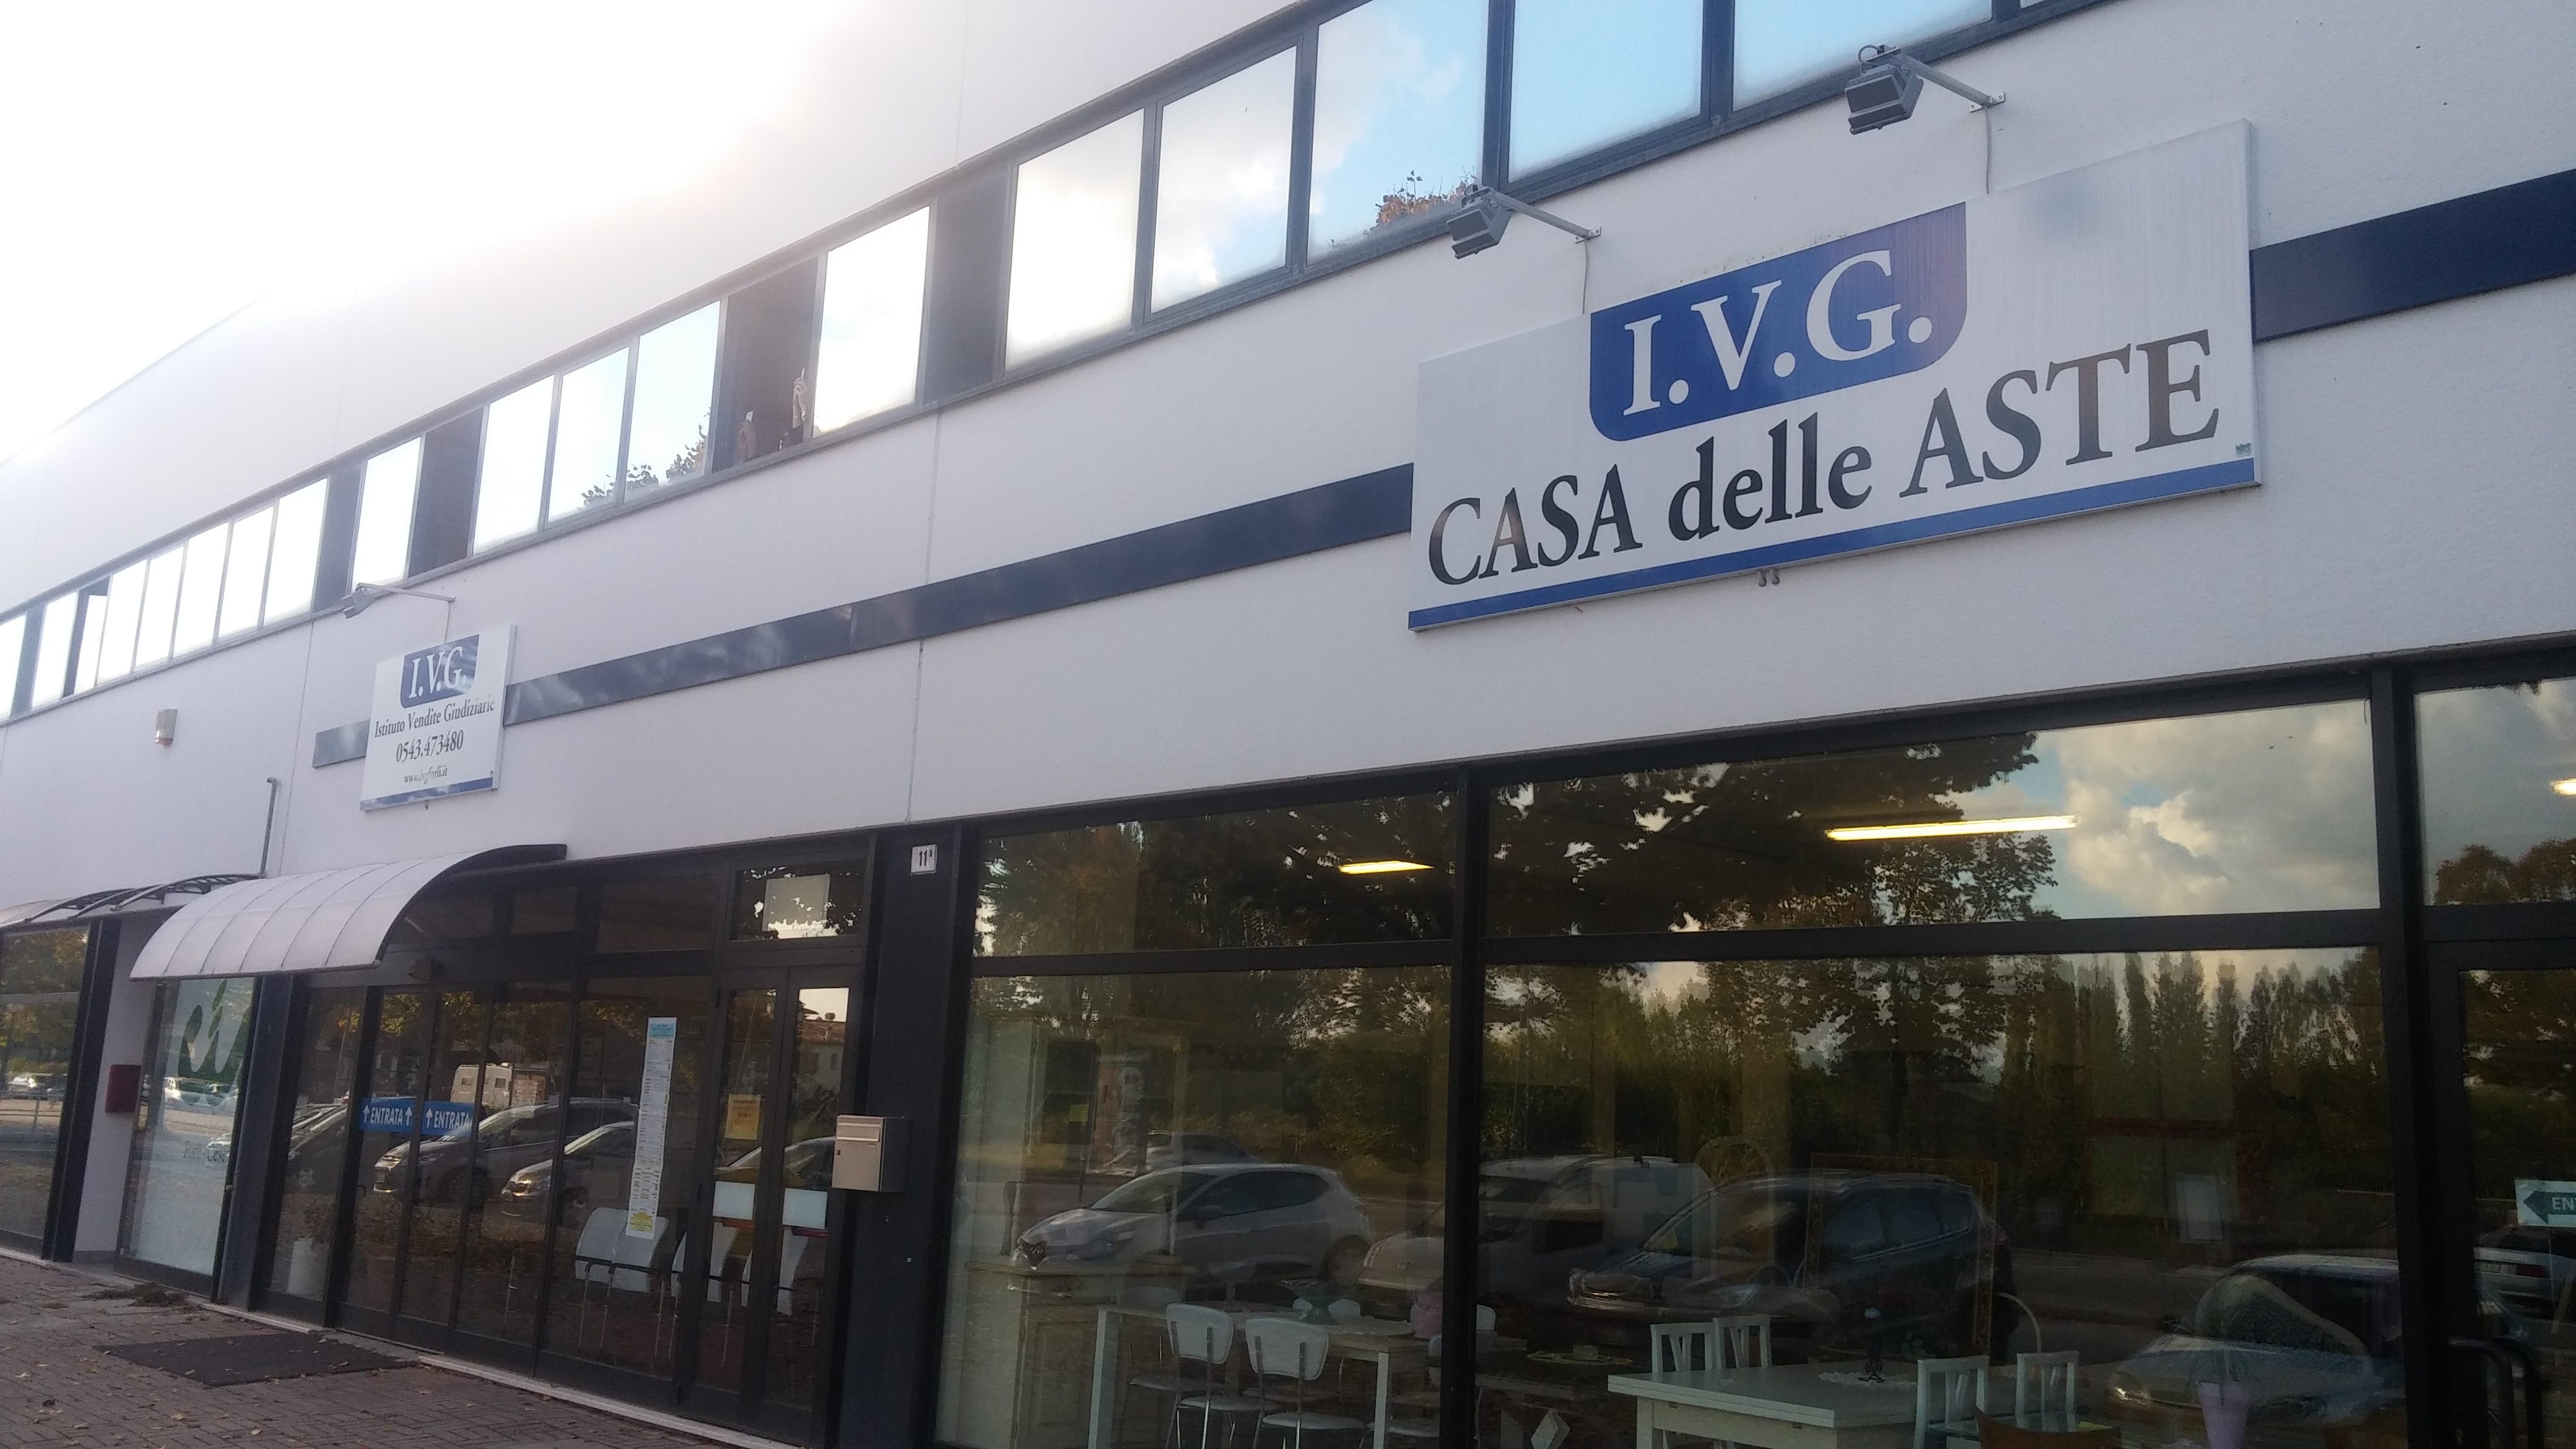 Forlì e Cesena - Grafica 1